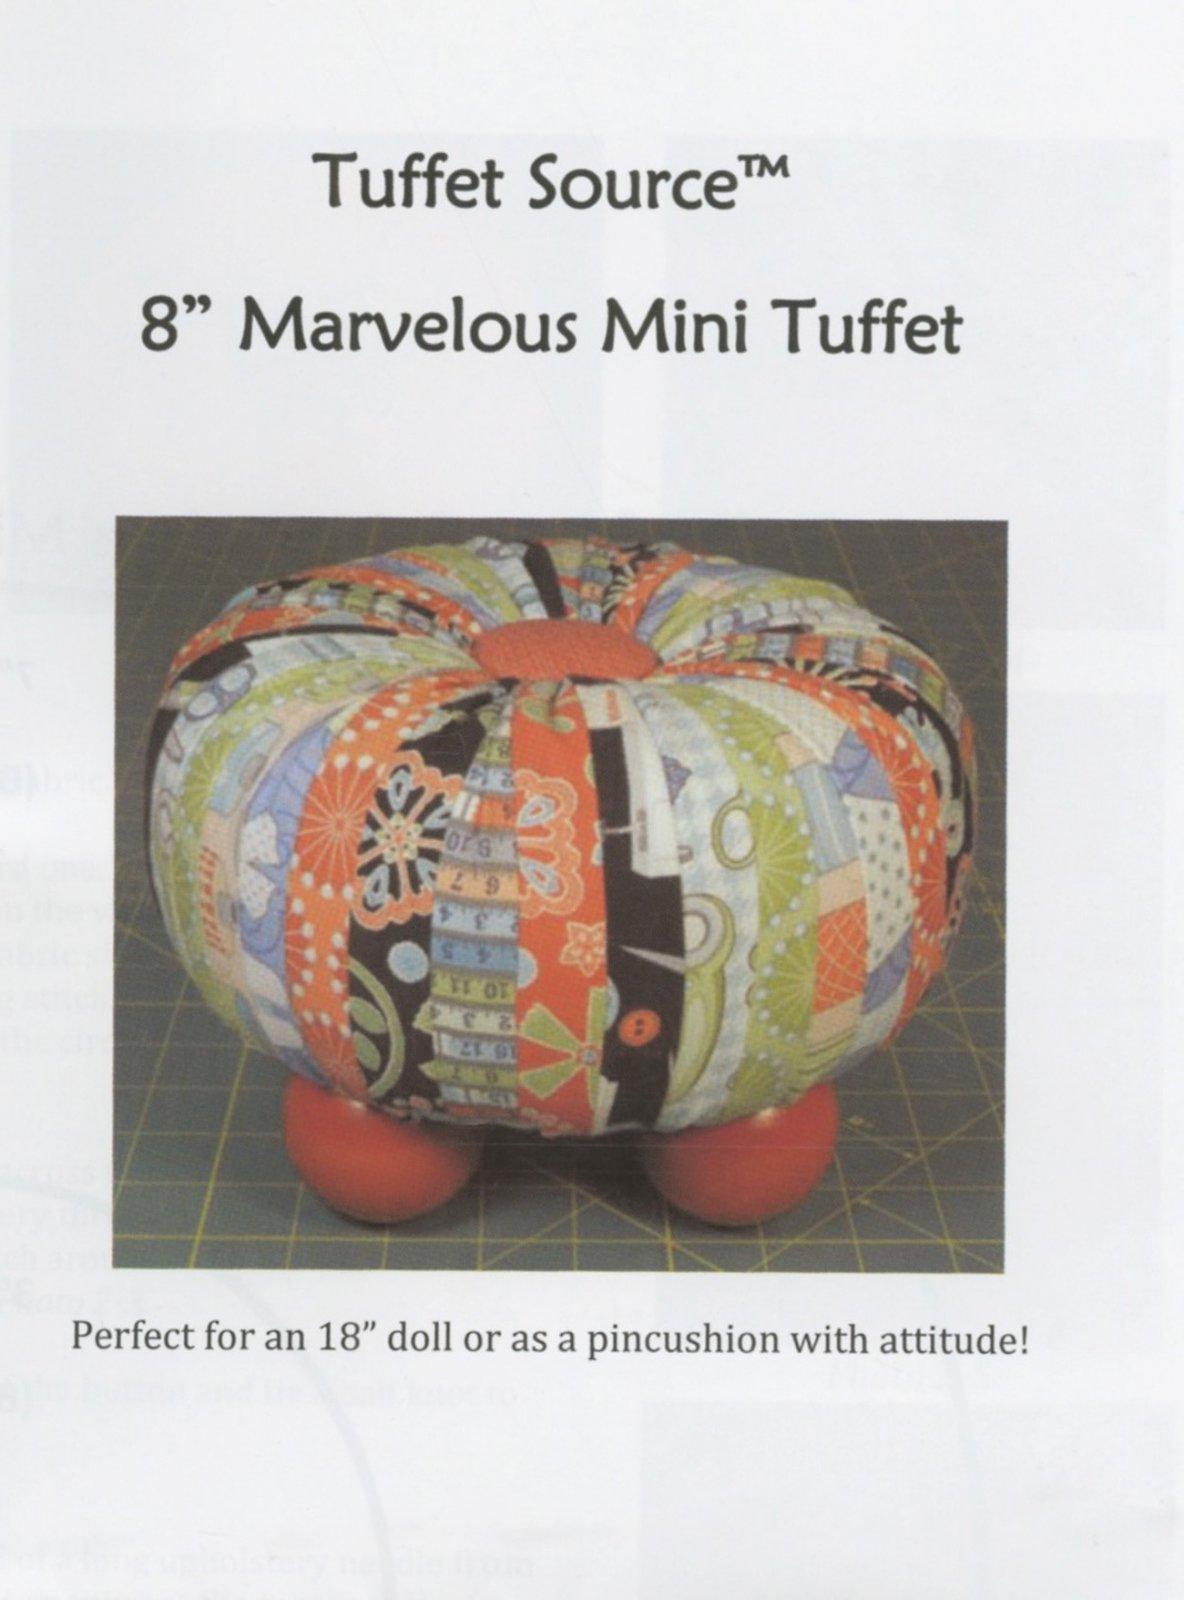 Marvelous Mini Tuffet